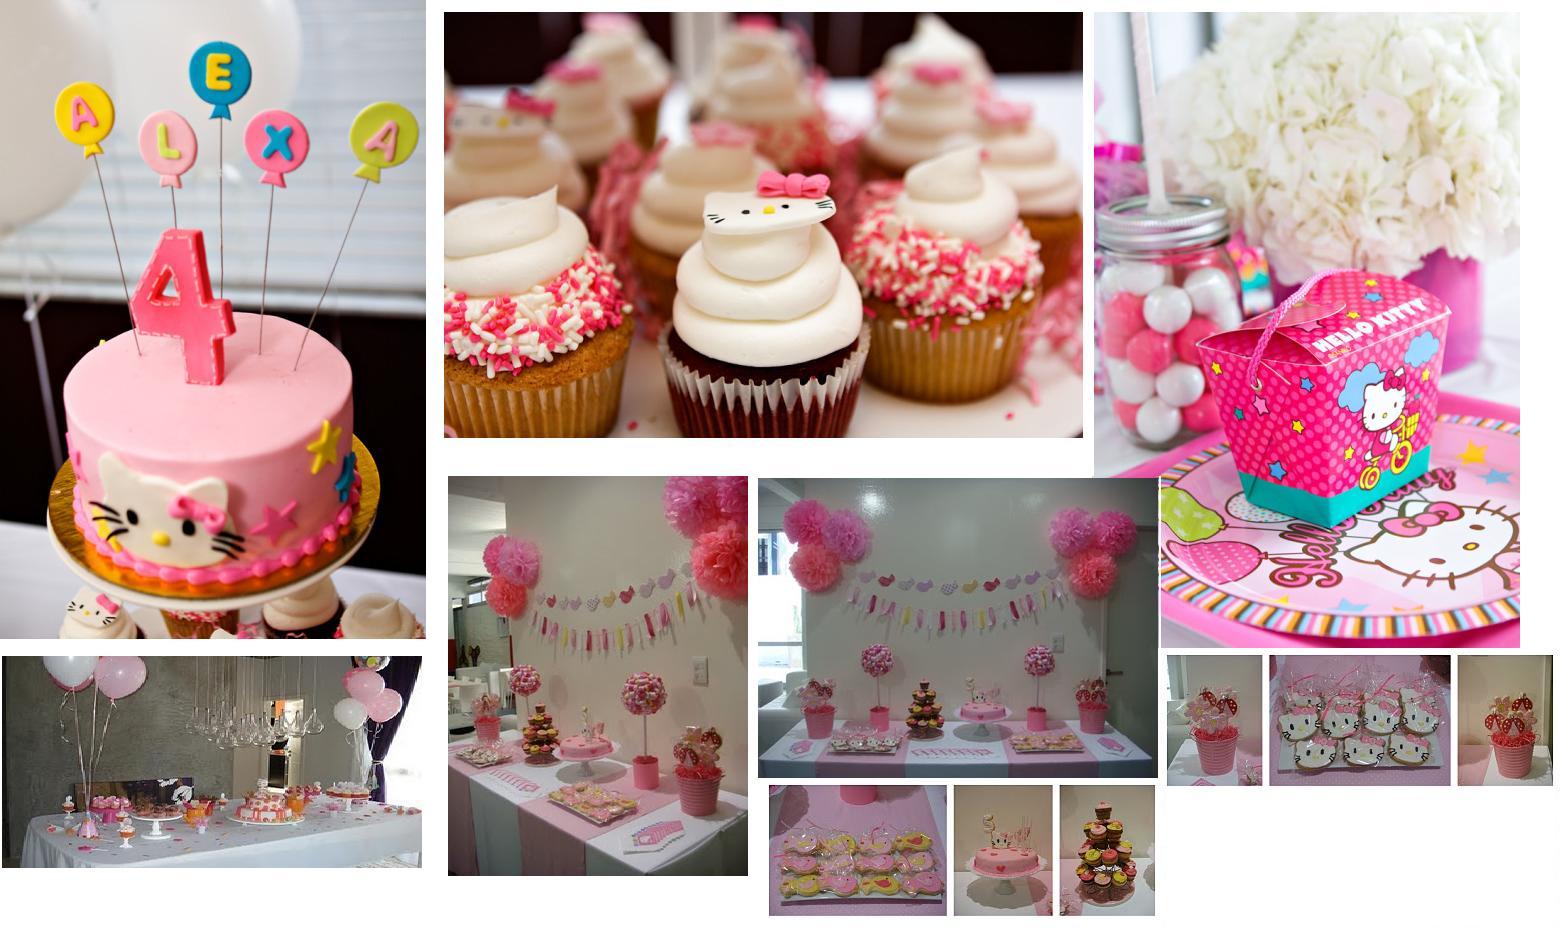 Pinatas de cupcake imagespin pi asda birthday cakes pinata images pin pi sciox Images